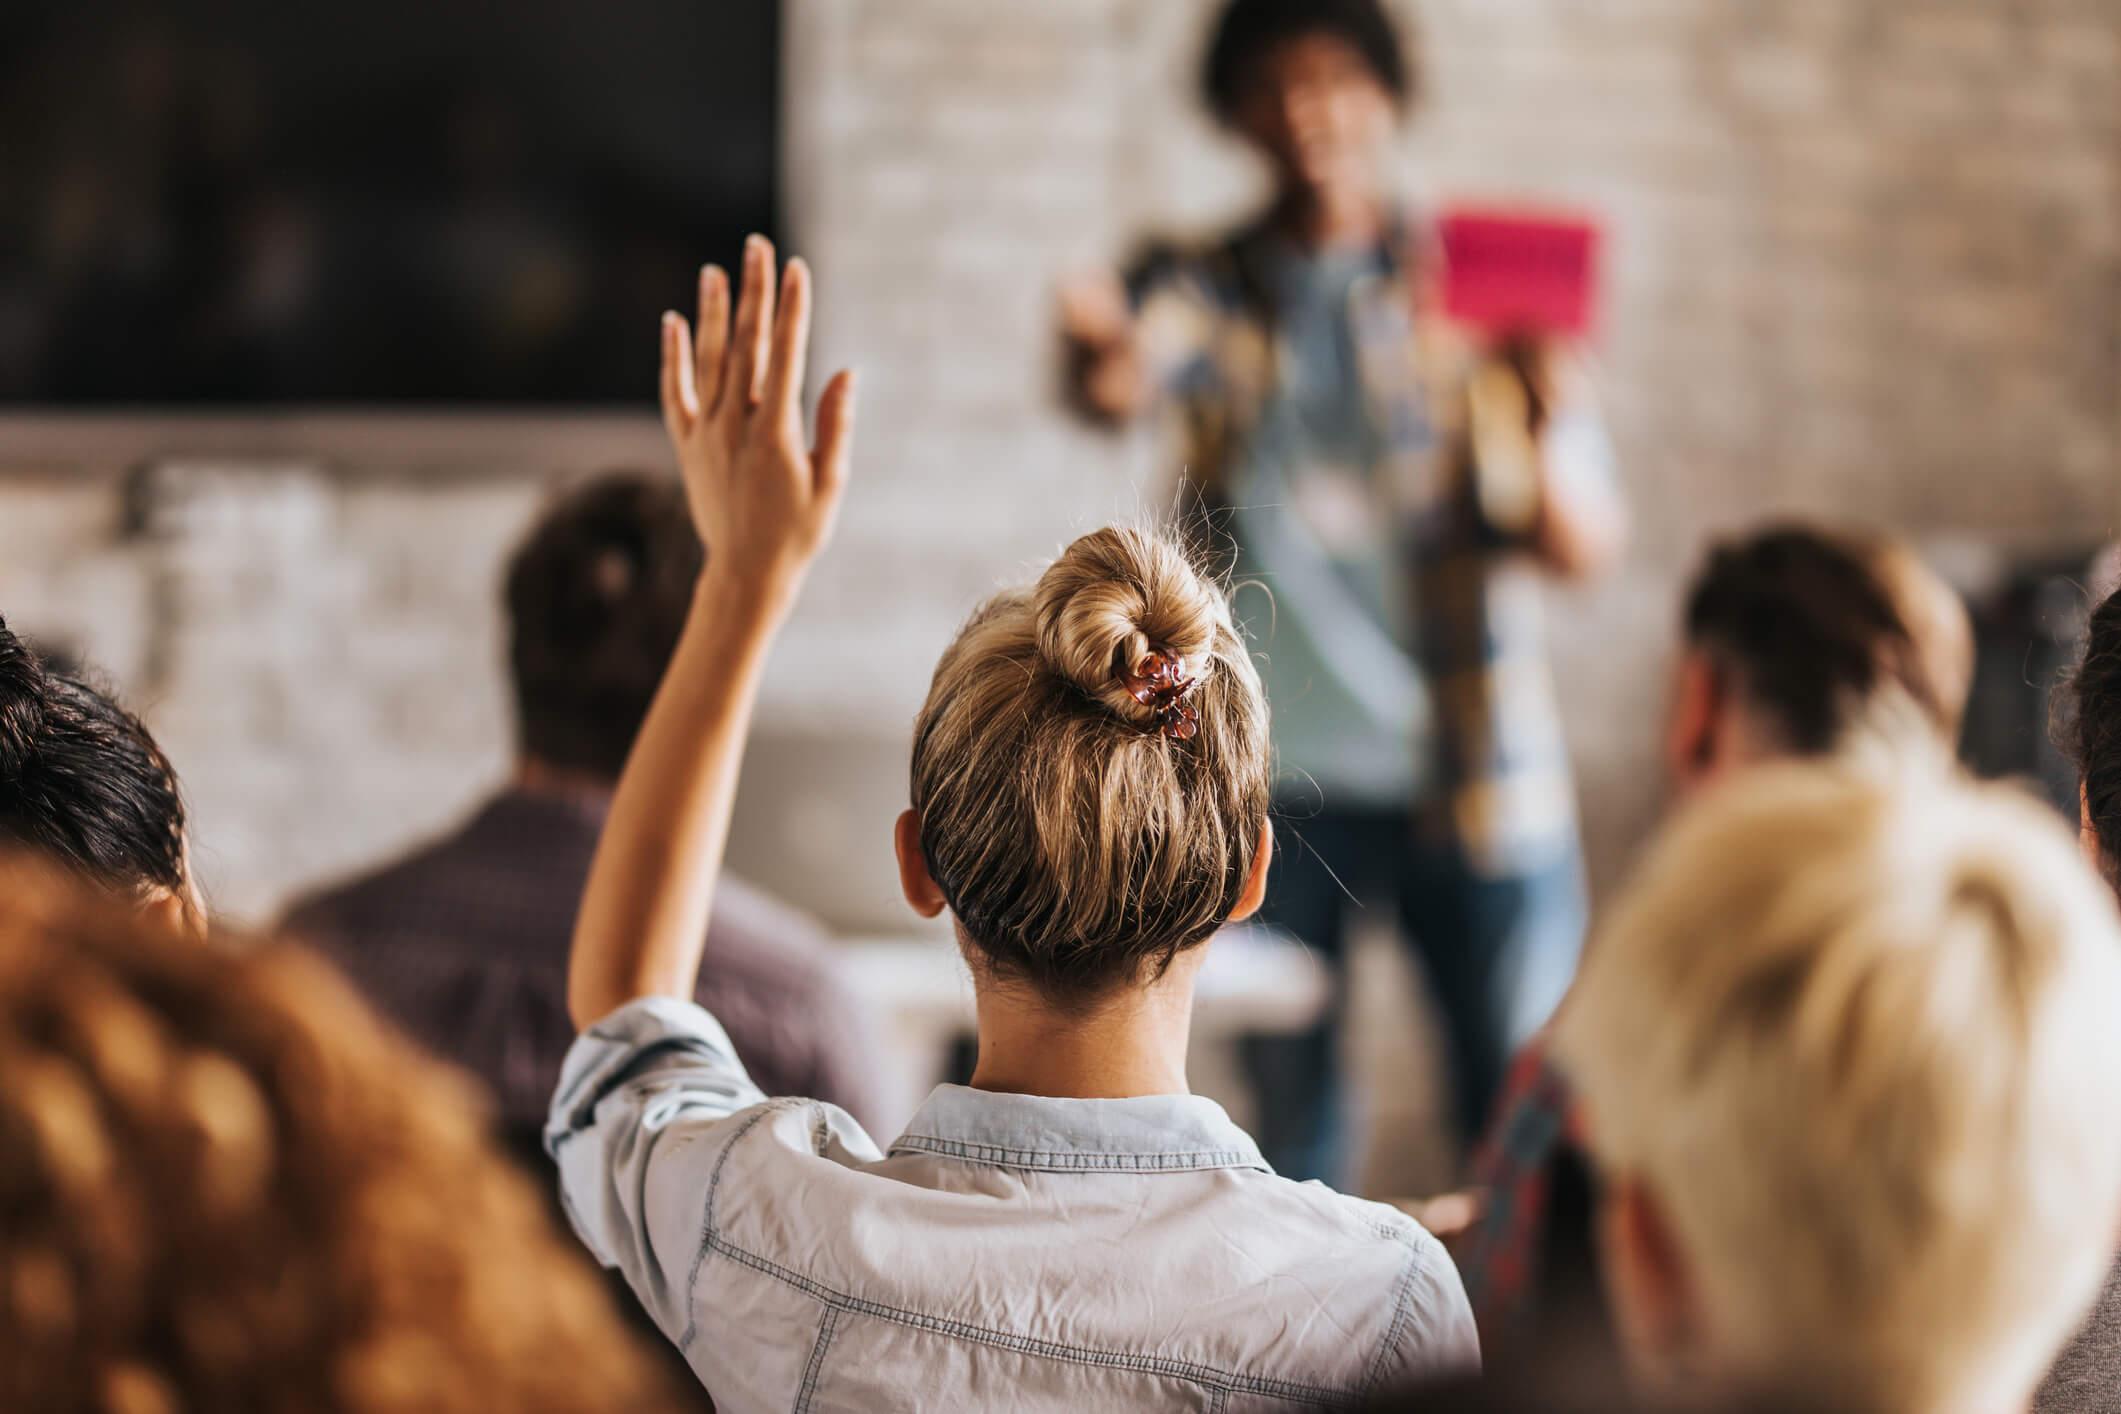 Pesquisa Traços de Personalidade e Intenção Empreendedora: Multi-Group Analysis sobre a Educação Empreendedora.